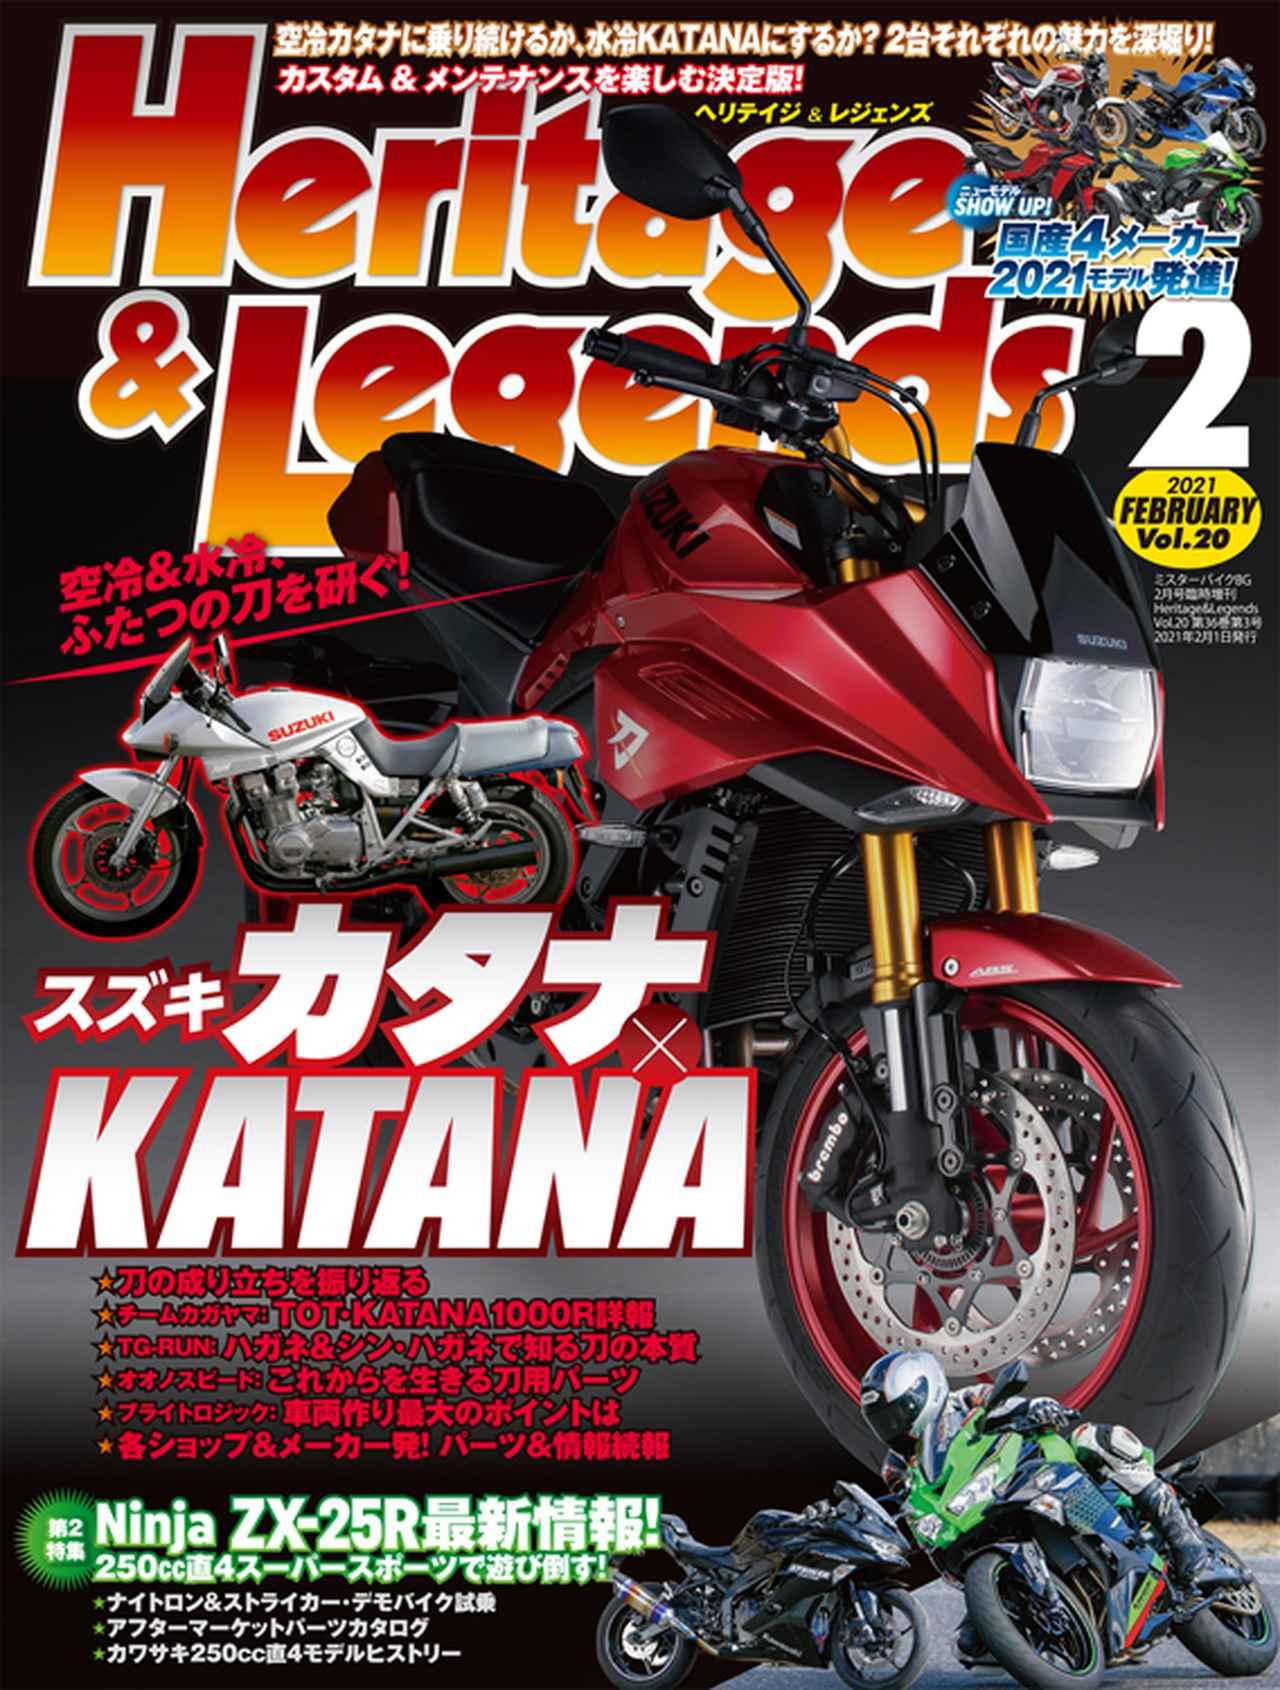 画像: 月刊ヘリテイジ&レジェンズ。2021年2月号(Vol.20)は通常より5日早い12月22日(火)の発売です!   ヘリテイジ&レジェンズ Heritage& Legends